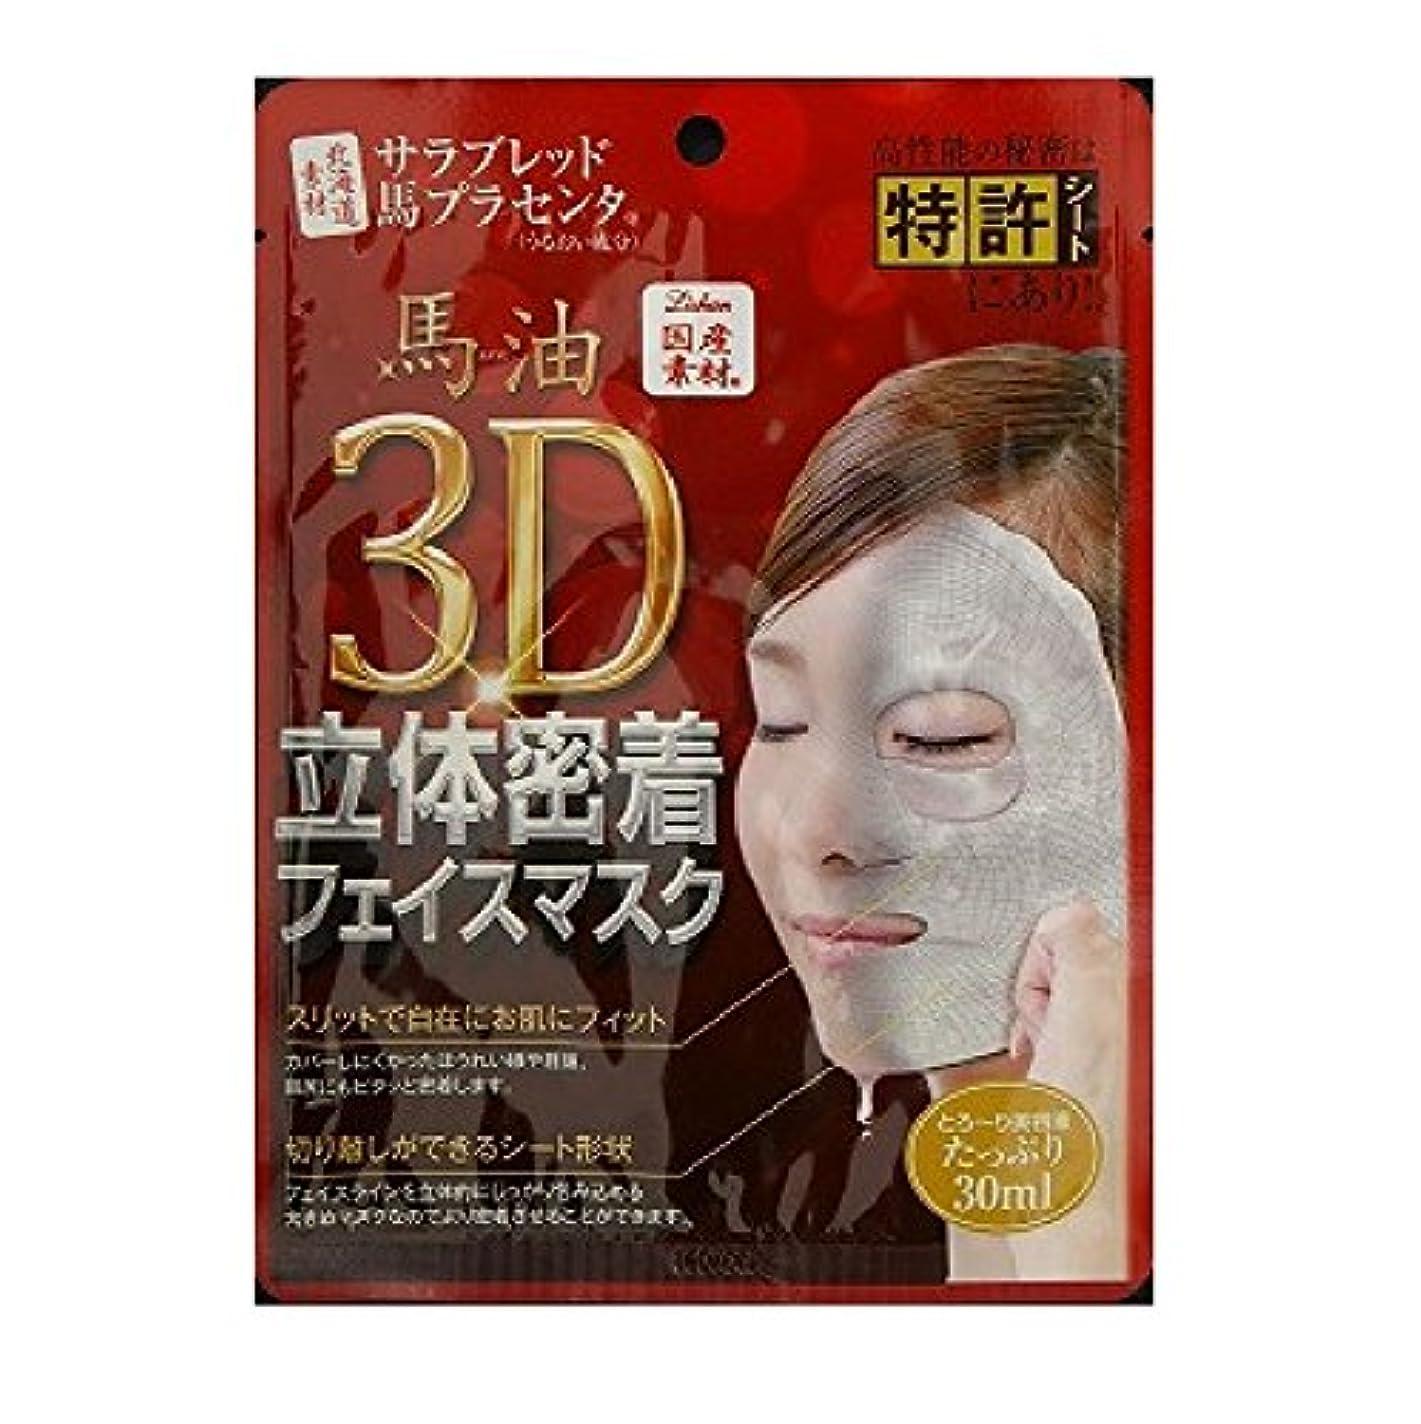 ドラッグバンド彼女アイスタイル リシャン馬油3D立体密着フェイスマスク無香料 1枚入り